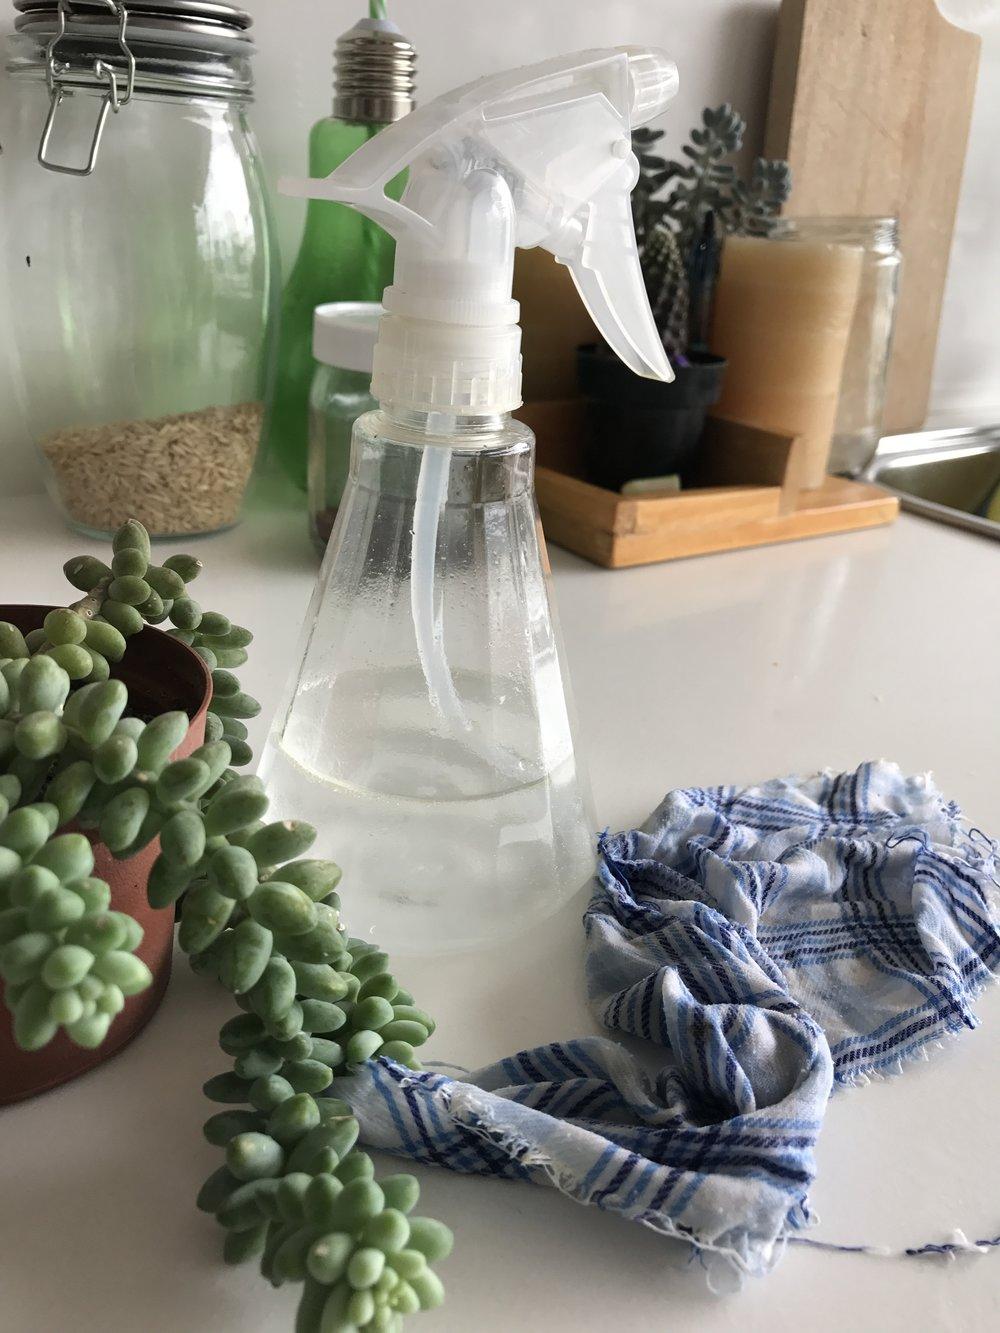 Desinfectante Basico - Esta es la mezcla básica de la que salen la mayoría de productos de limpieza para la casa. Funciona para cocina, baño, pisos, ventanas, espejos.Ingredientes:-Vinagre blanco-Alcohol-Agua destiladaPreparacion:Mezclar todos los ingredientes en un recipiente reusable, preferible con atomizador (puedes utilizar una botella vieja de alcohol).Baño: para la limpieza del baño, puedes agregar un poco de bicarbonato de sodio. No lo hagas directamente en la mezcla liquida, porque causara una reacción tipo volcán. Quieres que haga eso dentro del baño o lavabo para que limpie mejor.